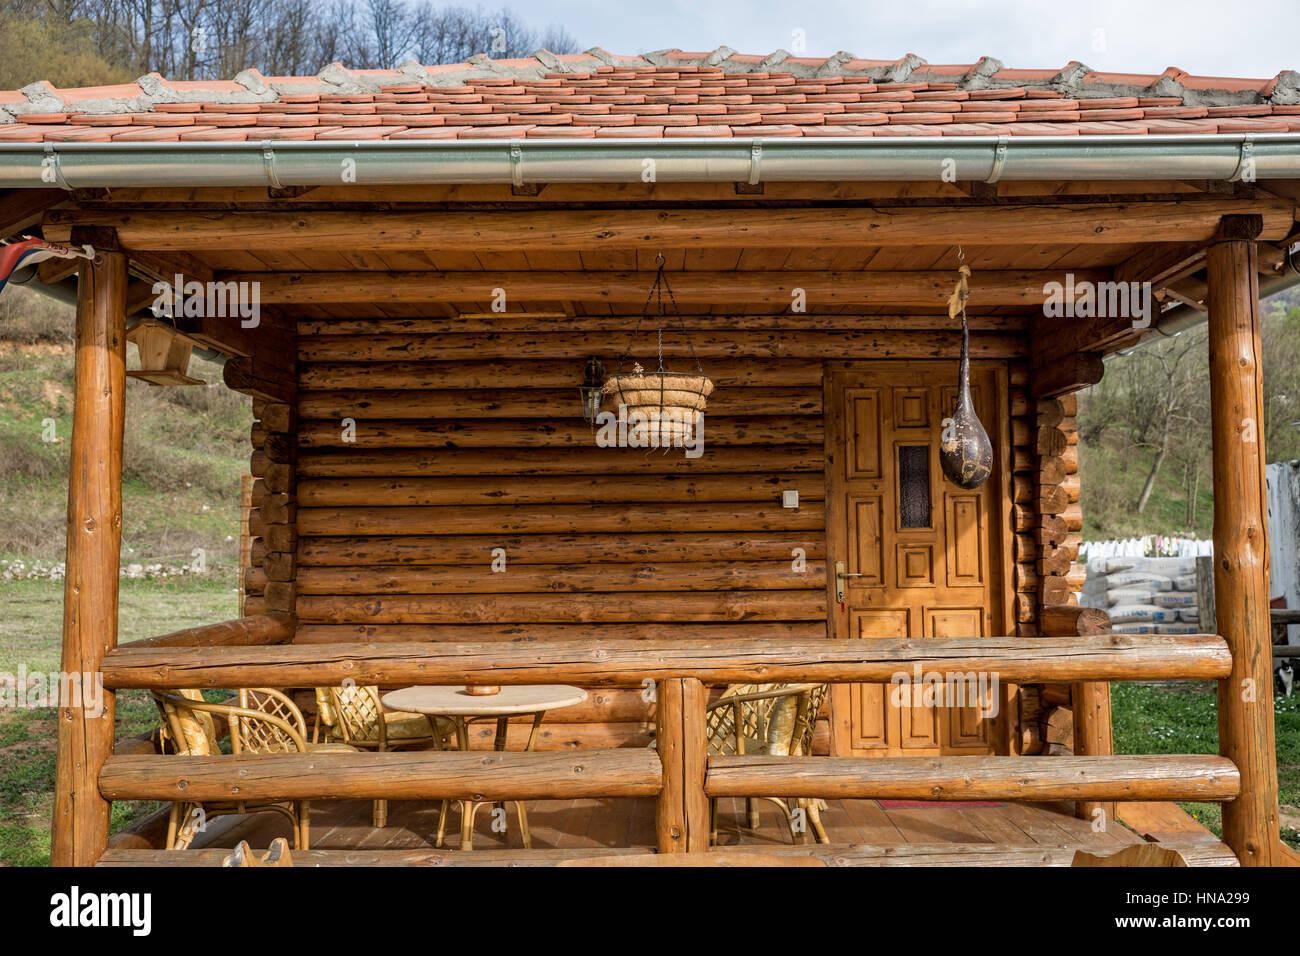 Case Di Tronchi Di Legno : Portico sul case fatte di tronchi di legno con mobili da giardino di